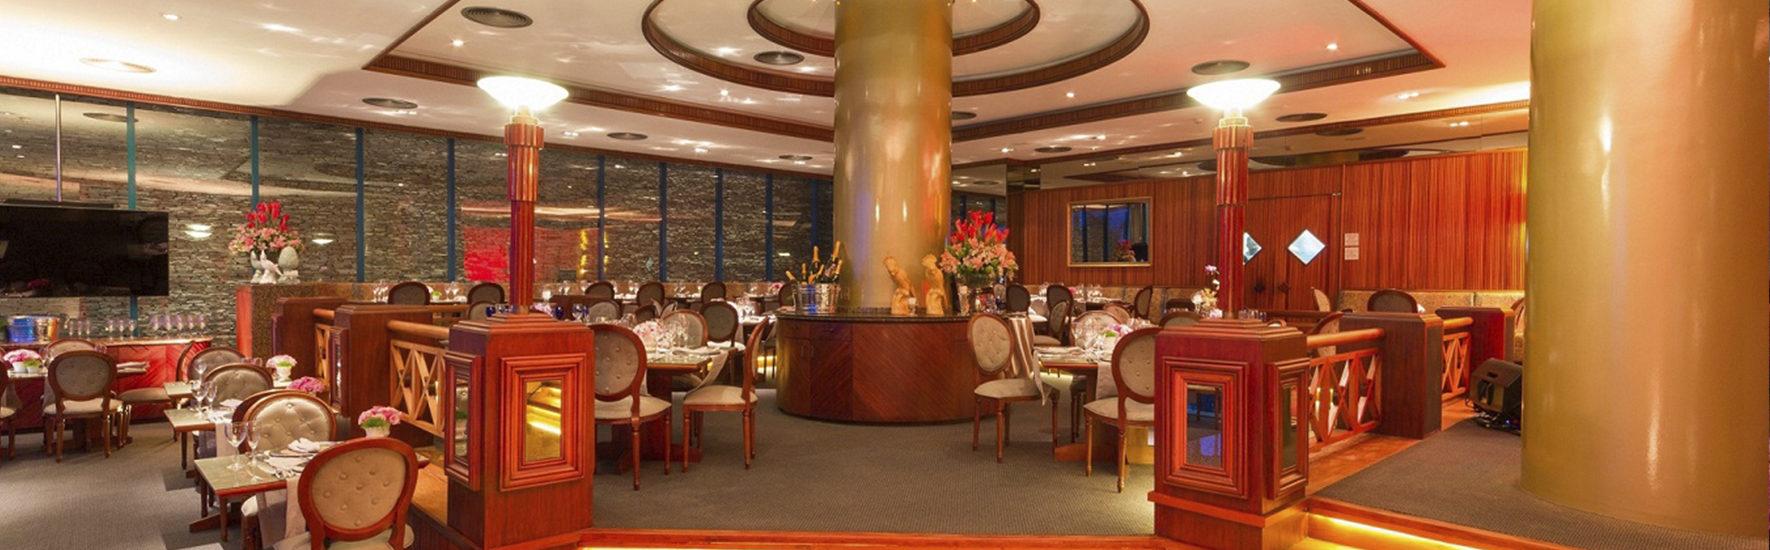 O restaurante Mirage, no Atlante Plaza Hotel, preparou uma noite inesquecível com programação musical e cardápio especial